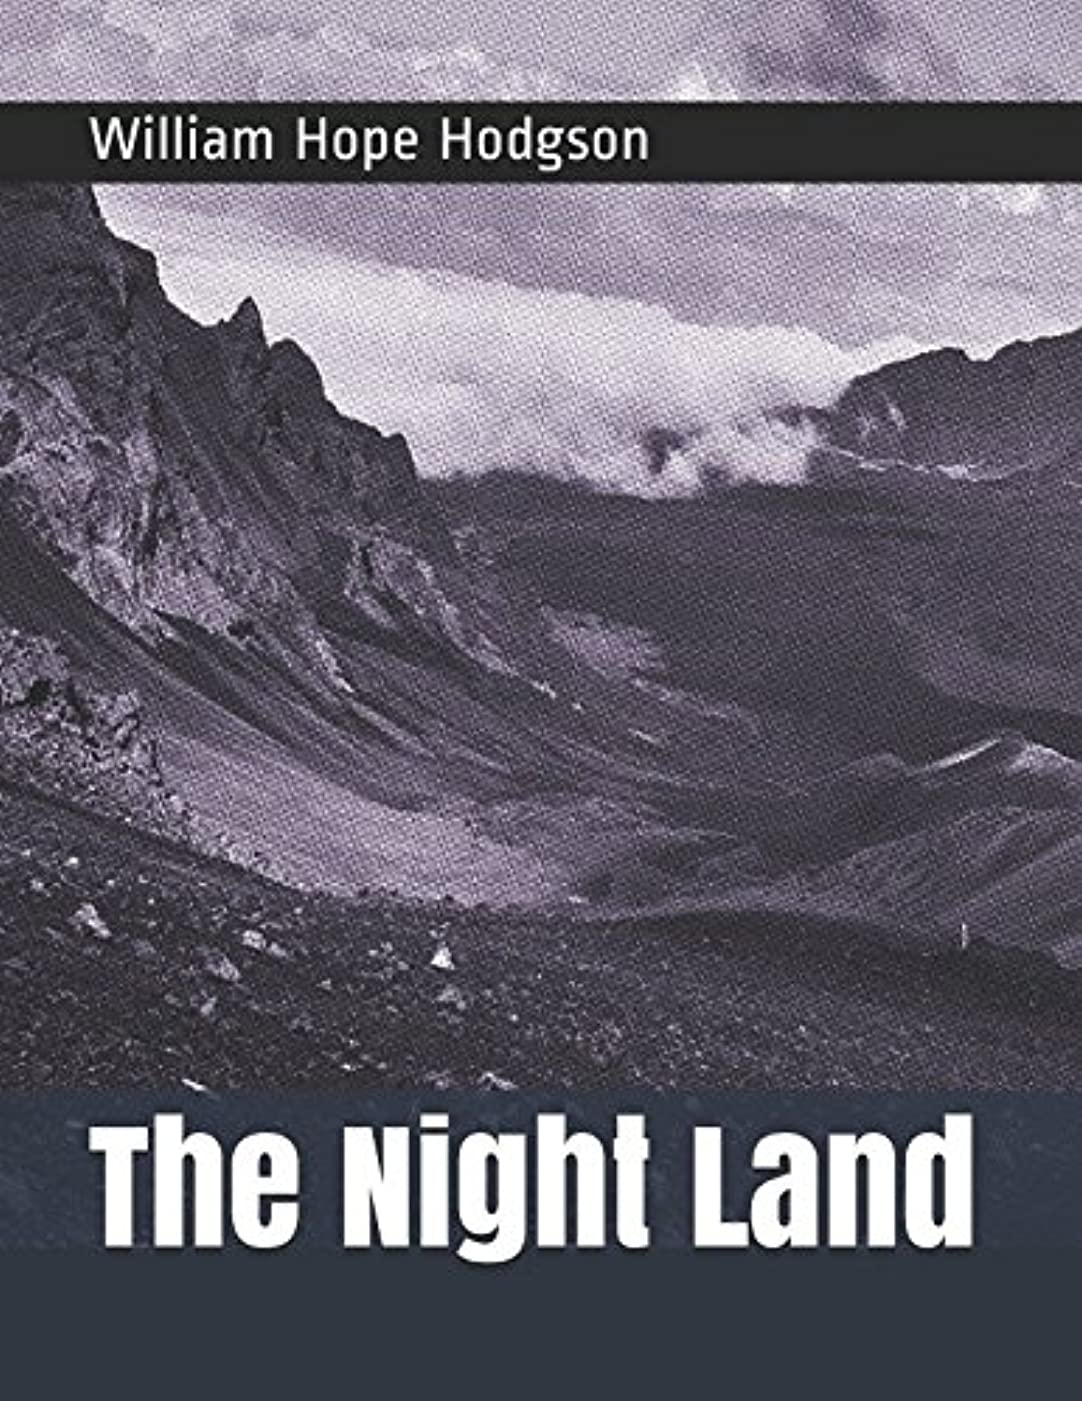 泥沼切り下げ破壊的なThe Night Land